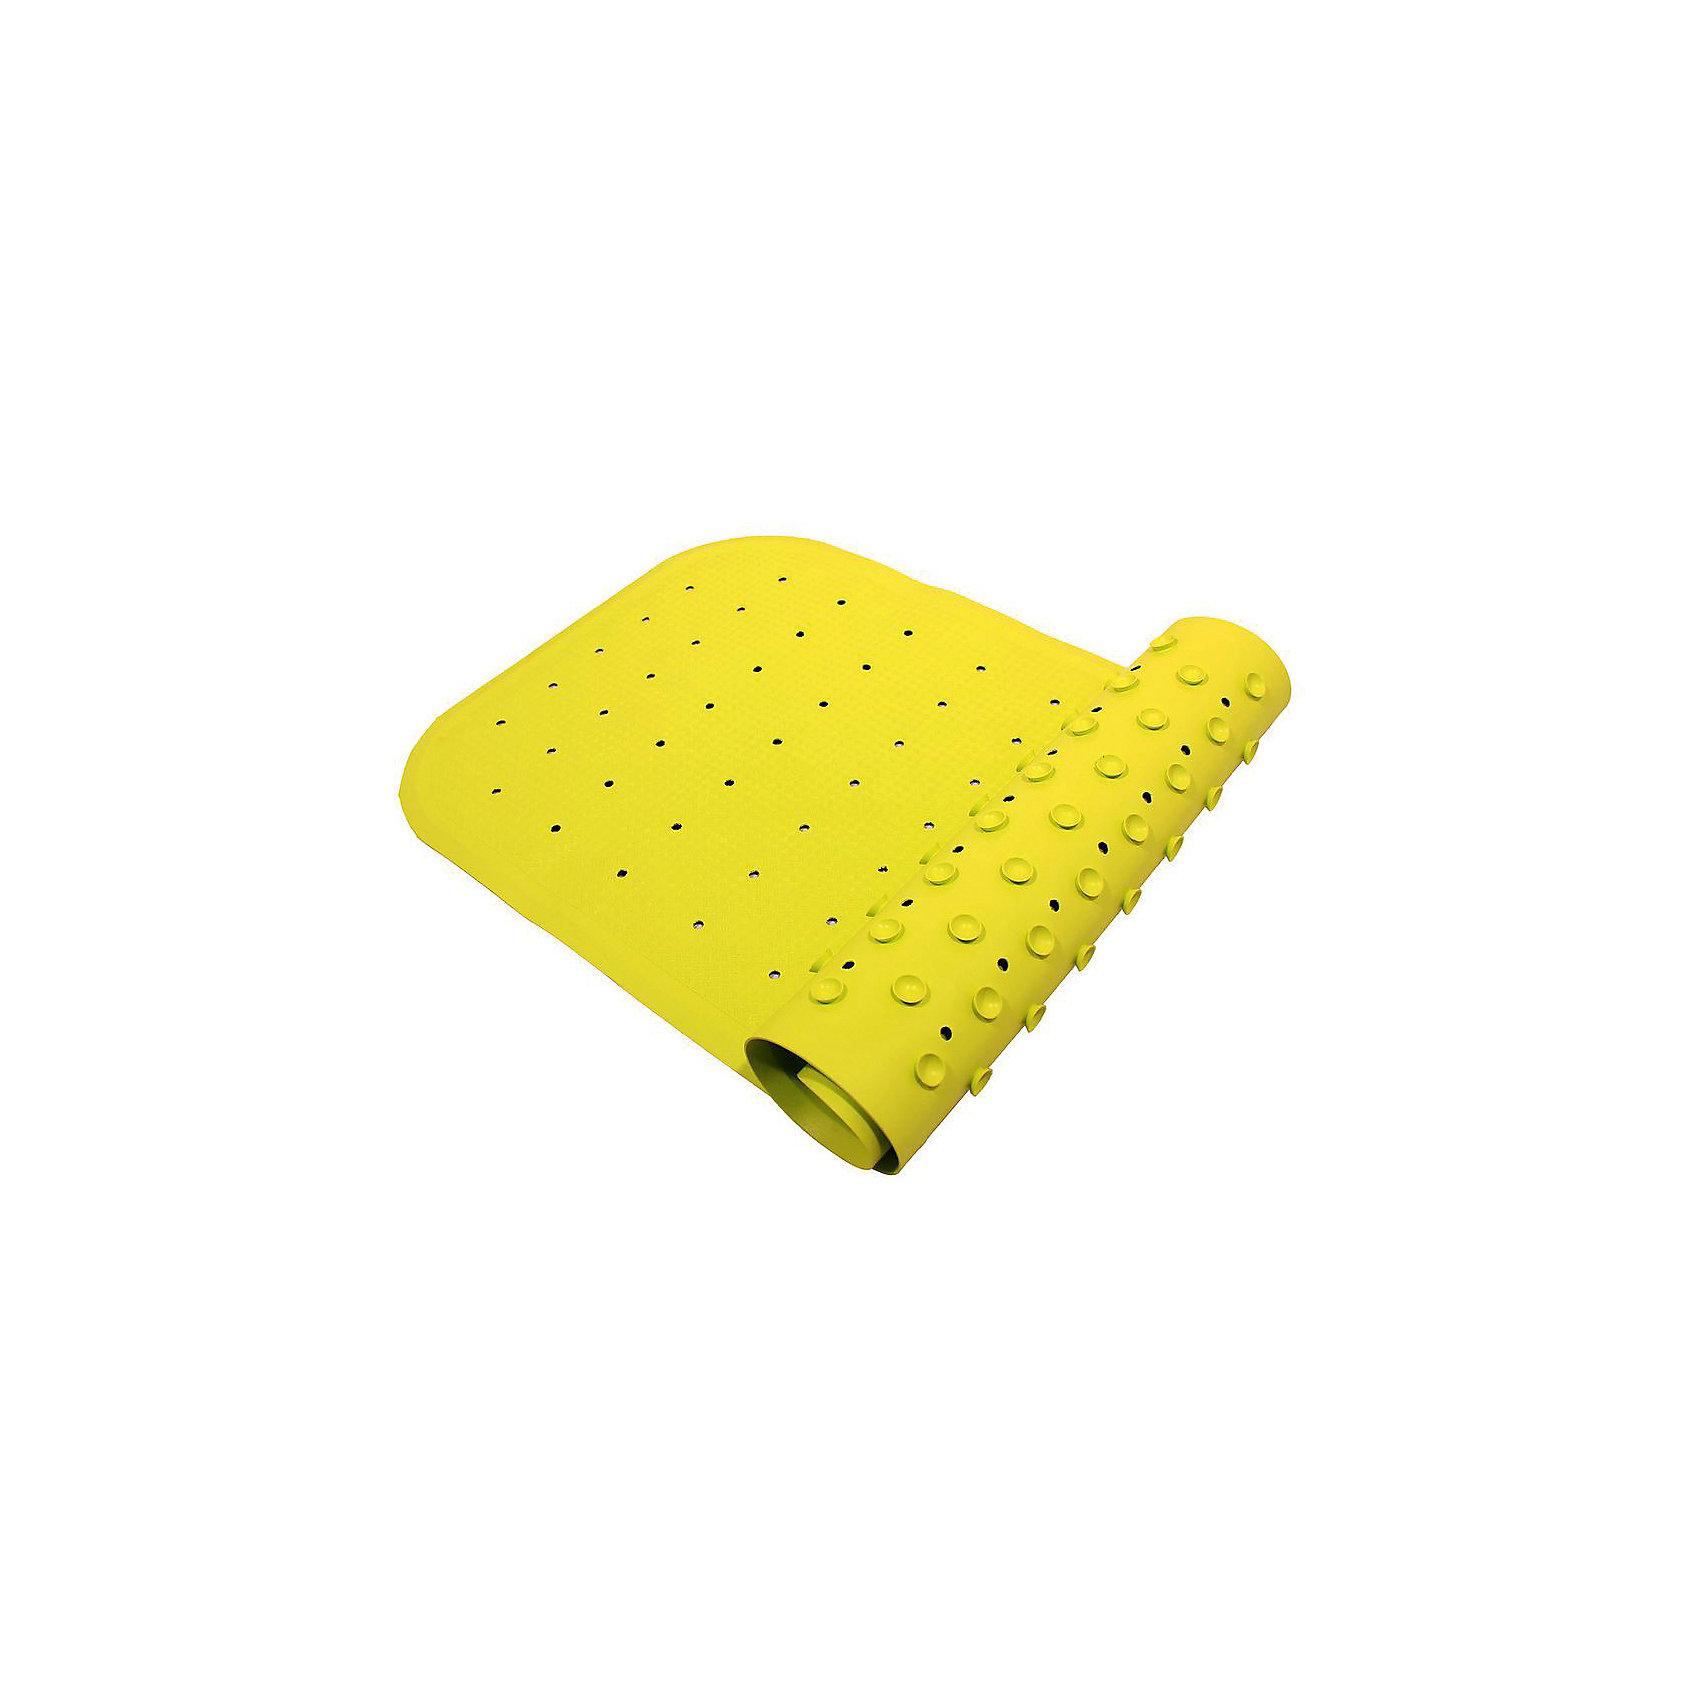 Антискользящий коврик для ванны 34,5х76 см, салатовыйАнтискользящий коврик для ванны 34,5х76 см, салатовый – это эластичный, мягкий и приятный на ощупь коврик для безопасного купания малыша.<br>Противоскользящий коврик для ванны создан специально для детей и призван обеспечить комфортное и безопасное купание малышей в ванне. Он обладает целым рядом важных преимуществ. Мягкие присоски надежно прикрепляют коврик ко дну ванны и не дают ему скользить по ее поверхности, как бы активно ни двигался малыш. Специальное покрытие препятствует скольжению ног или тела ребенка по коврику. Поверхность коврика имеет рельефные элементы, обеспечивающие массажные функции, благодаря которым купание малыша в ванне станет не только простым и безопасным, но еще и полезным! Специальные отверстия позволяют воде легко стекать и обеспечивают более надежное крепление коврика к поверхности ванны. Оптимальный размер коврика 34 на 74 см делает его доступным для использования в любых ваннах, как в обычных больших, так и в детских ванночках и мини-бассейнах. Коврик выполнен в жизнерадостном салатовом цвете - он станет не только отличным помощником вам и вашему малышу, но и стильным аксессуаром! Антискользящий коврик для ванны сделан из 100%-но натуральной резины без применения токсичного сырья. Резиновый коврик на присосках полностью соответствует всем требованиям безопасности детской продукции: ГОСТ 25779-90, СанПин 2.4.7.007-93, Европейским стандартам качества EN17.<br><br>Дополнительная информация:<br><br>- Материал: резина<br>- Цвет: салатовый<br>- Размер: 34,5 х 76 см.<br><br>Антискользящий коврик для ванны 34,5х76 см, салатовый можно купить в нашем интернет-магазине.<br><br>Ширина мм: 340<br>Глубина мм: 250<br>Высота мм: 30<br>Вес г: 700<br>Возраст от месяцев: 0<br>Возраст до месяцев: 36<br>Пол: Унисекс<br>Возраст: Детский<br>SKU: 4182091